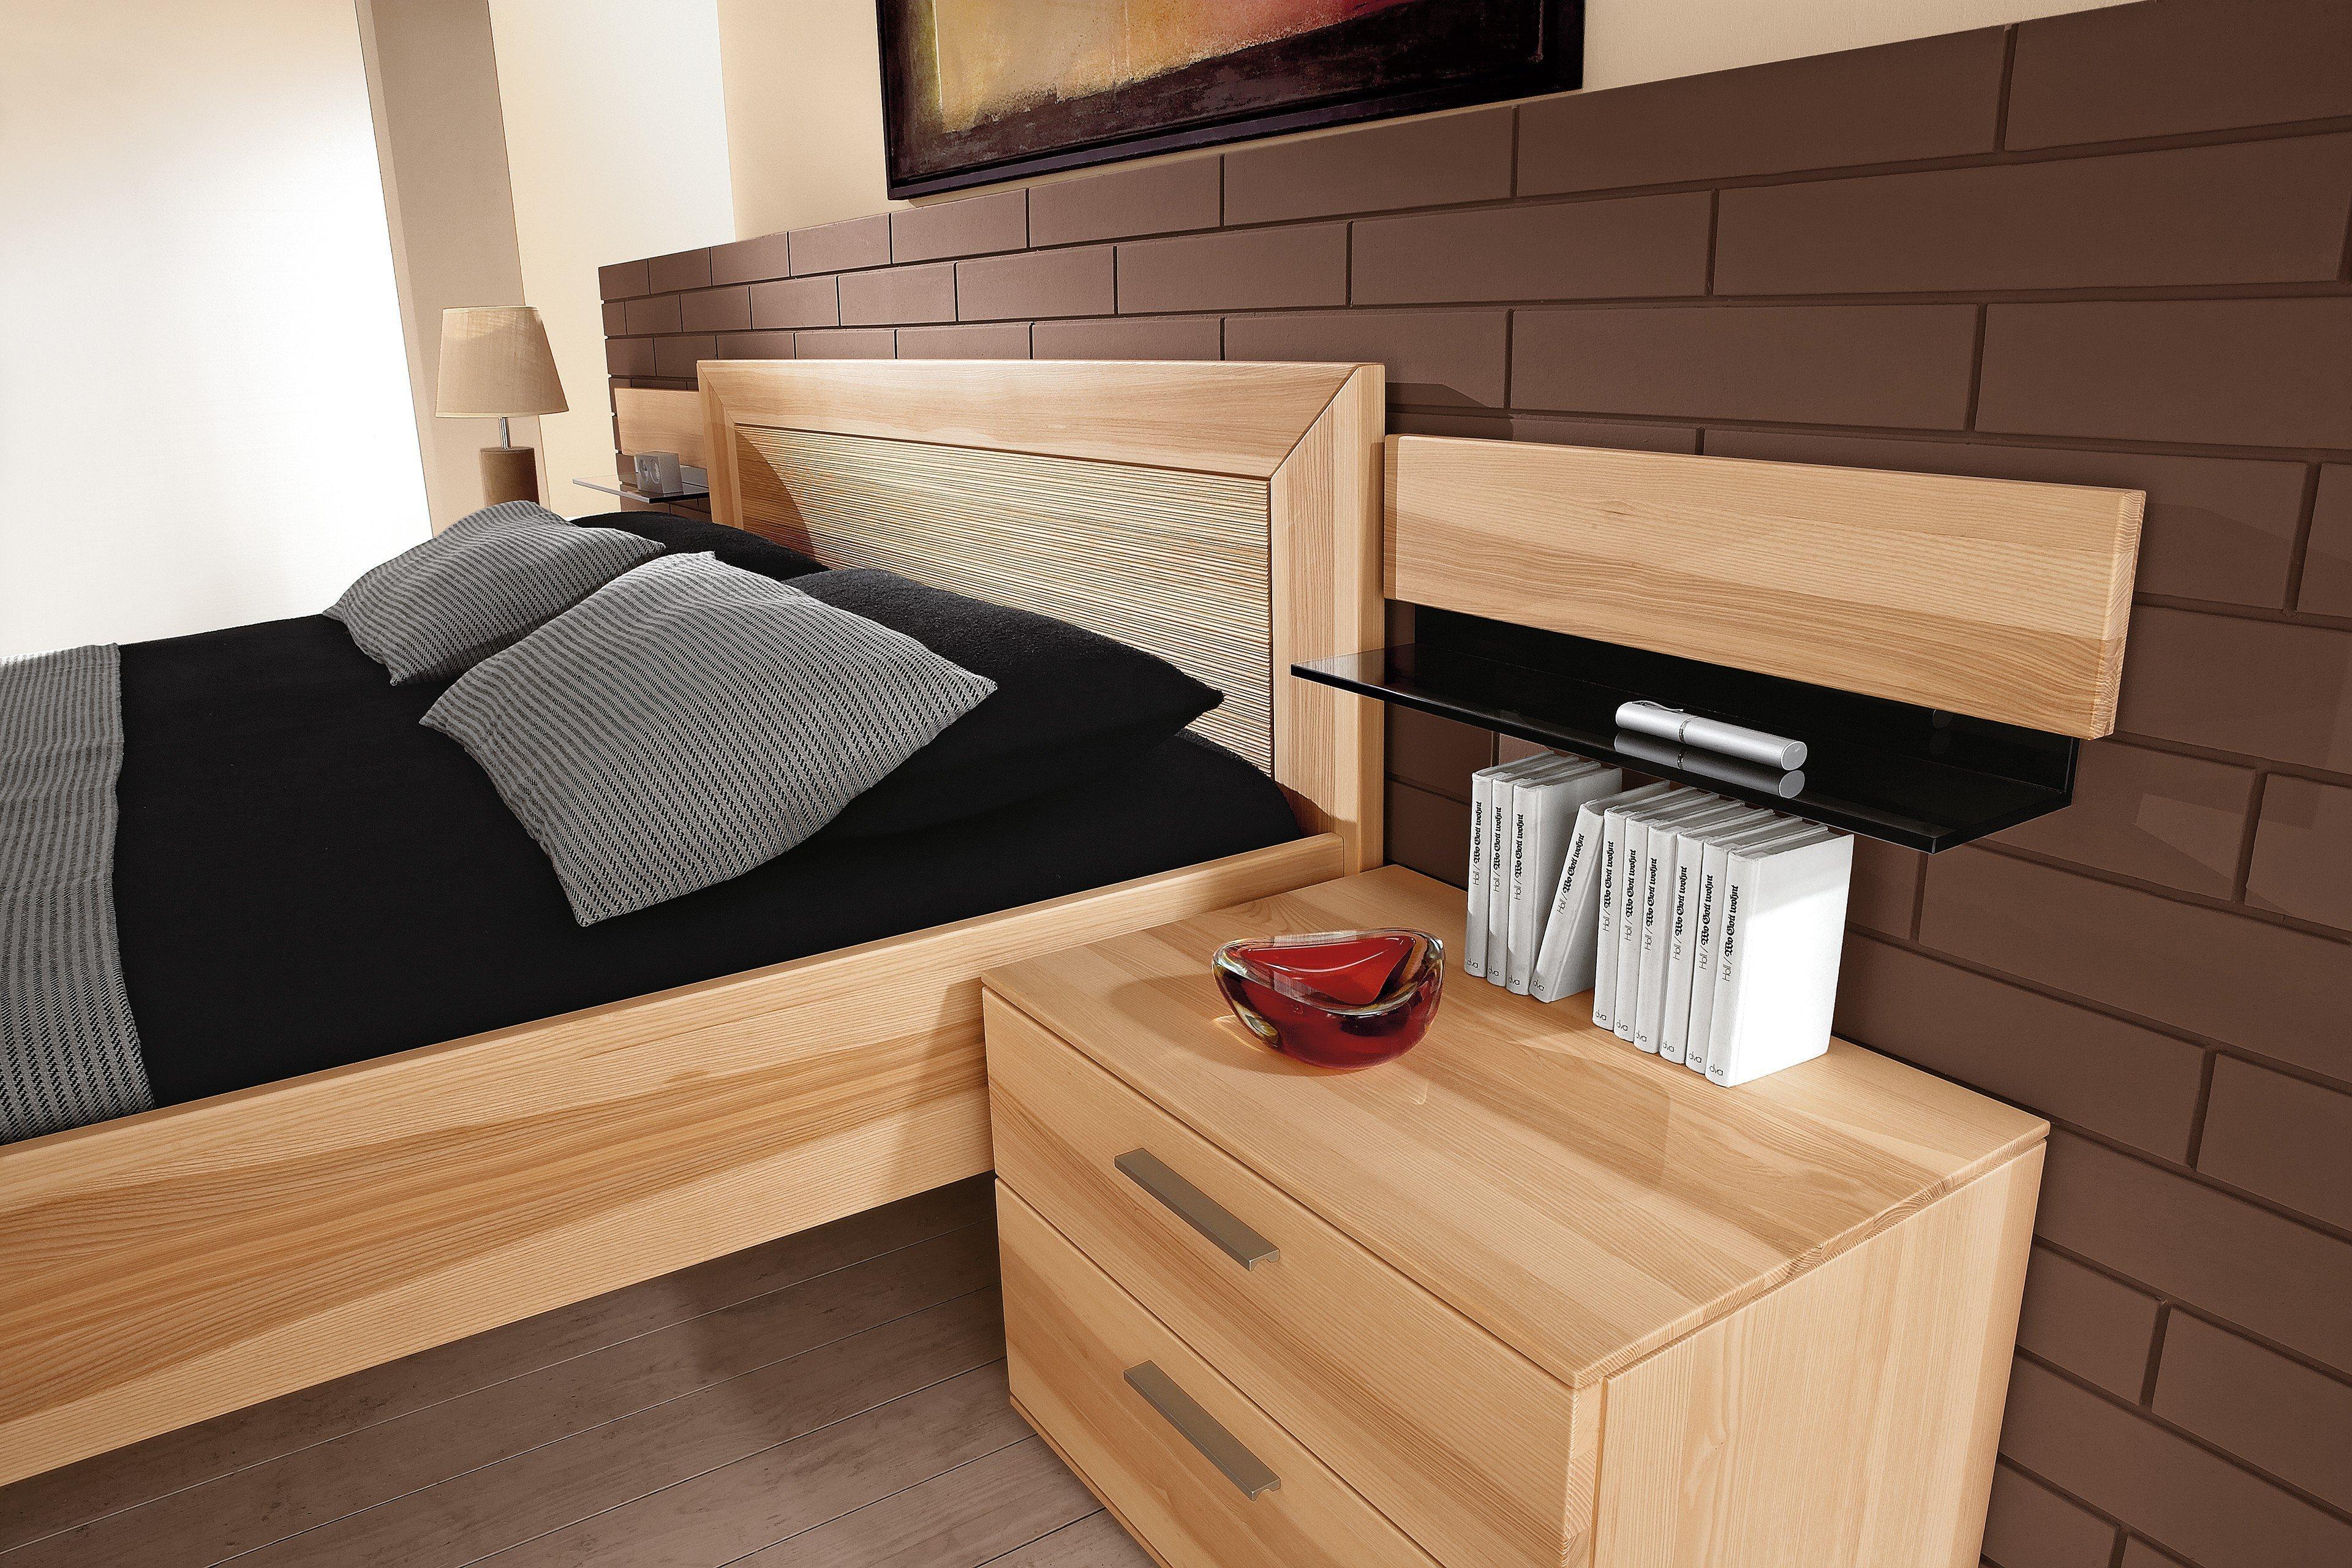 Mali von Thielemeyer Bett Strukturesche | Möbel Letz - Ihr Online-Shop